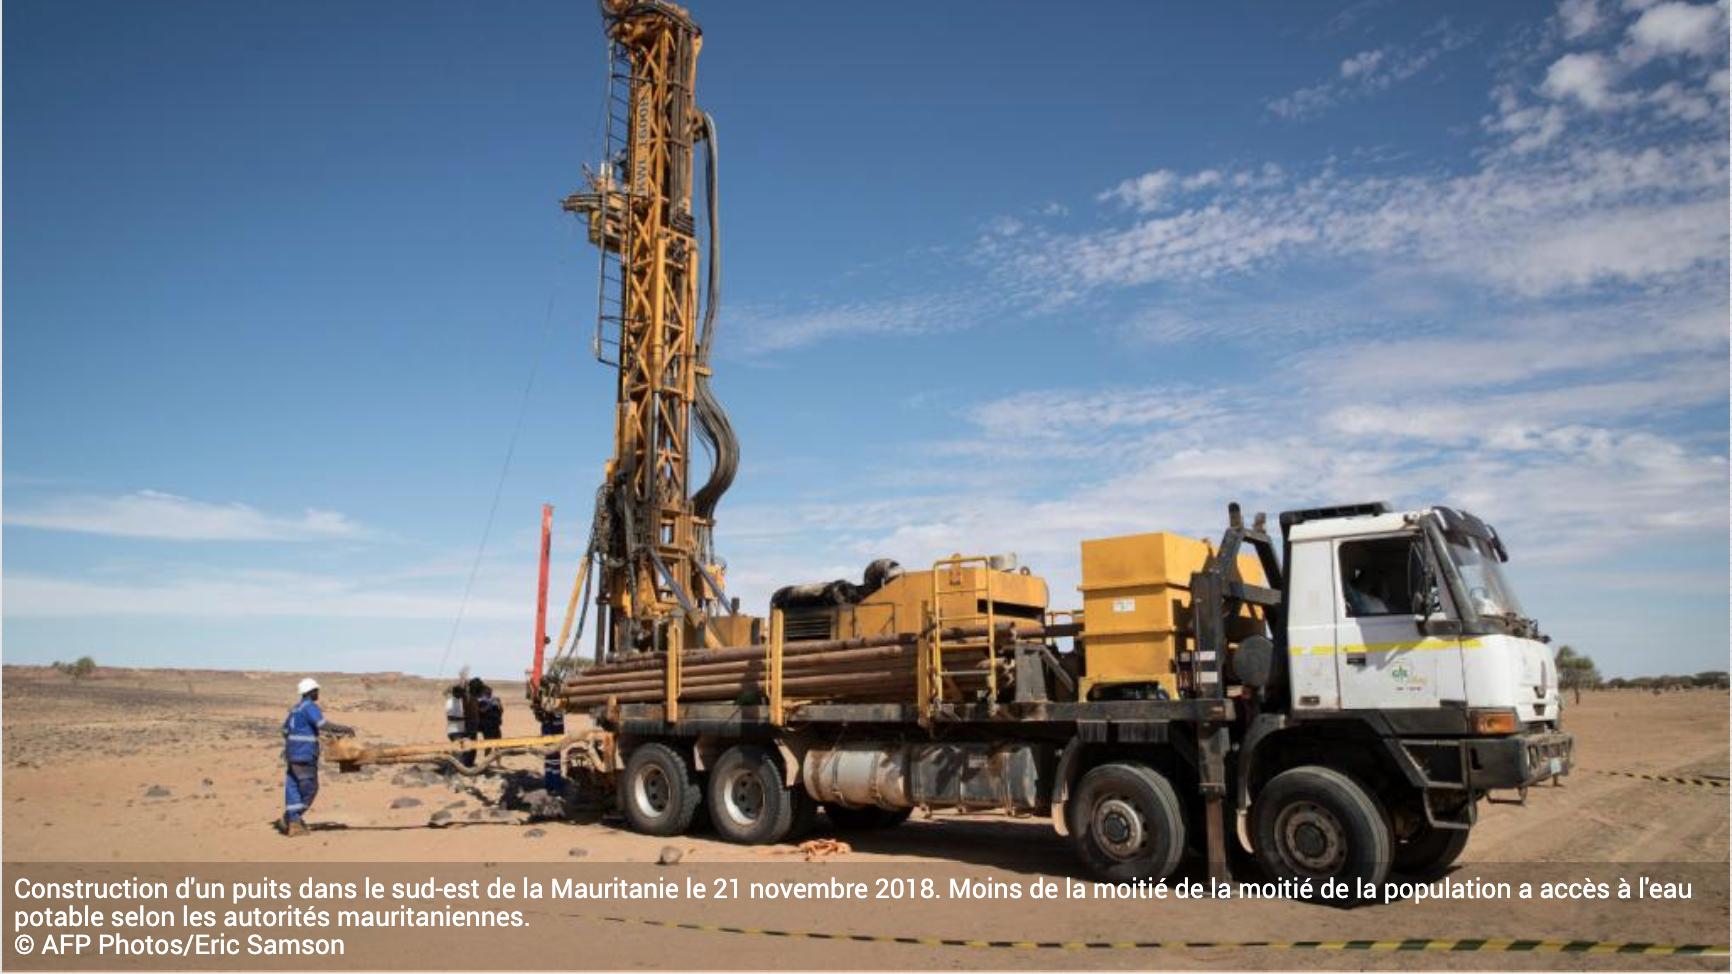 L'accès à l'eau, un défi du quotidien dans l'est de la Mauritanie